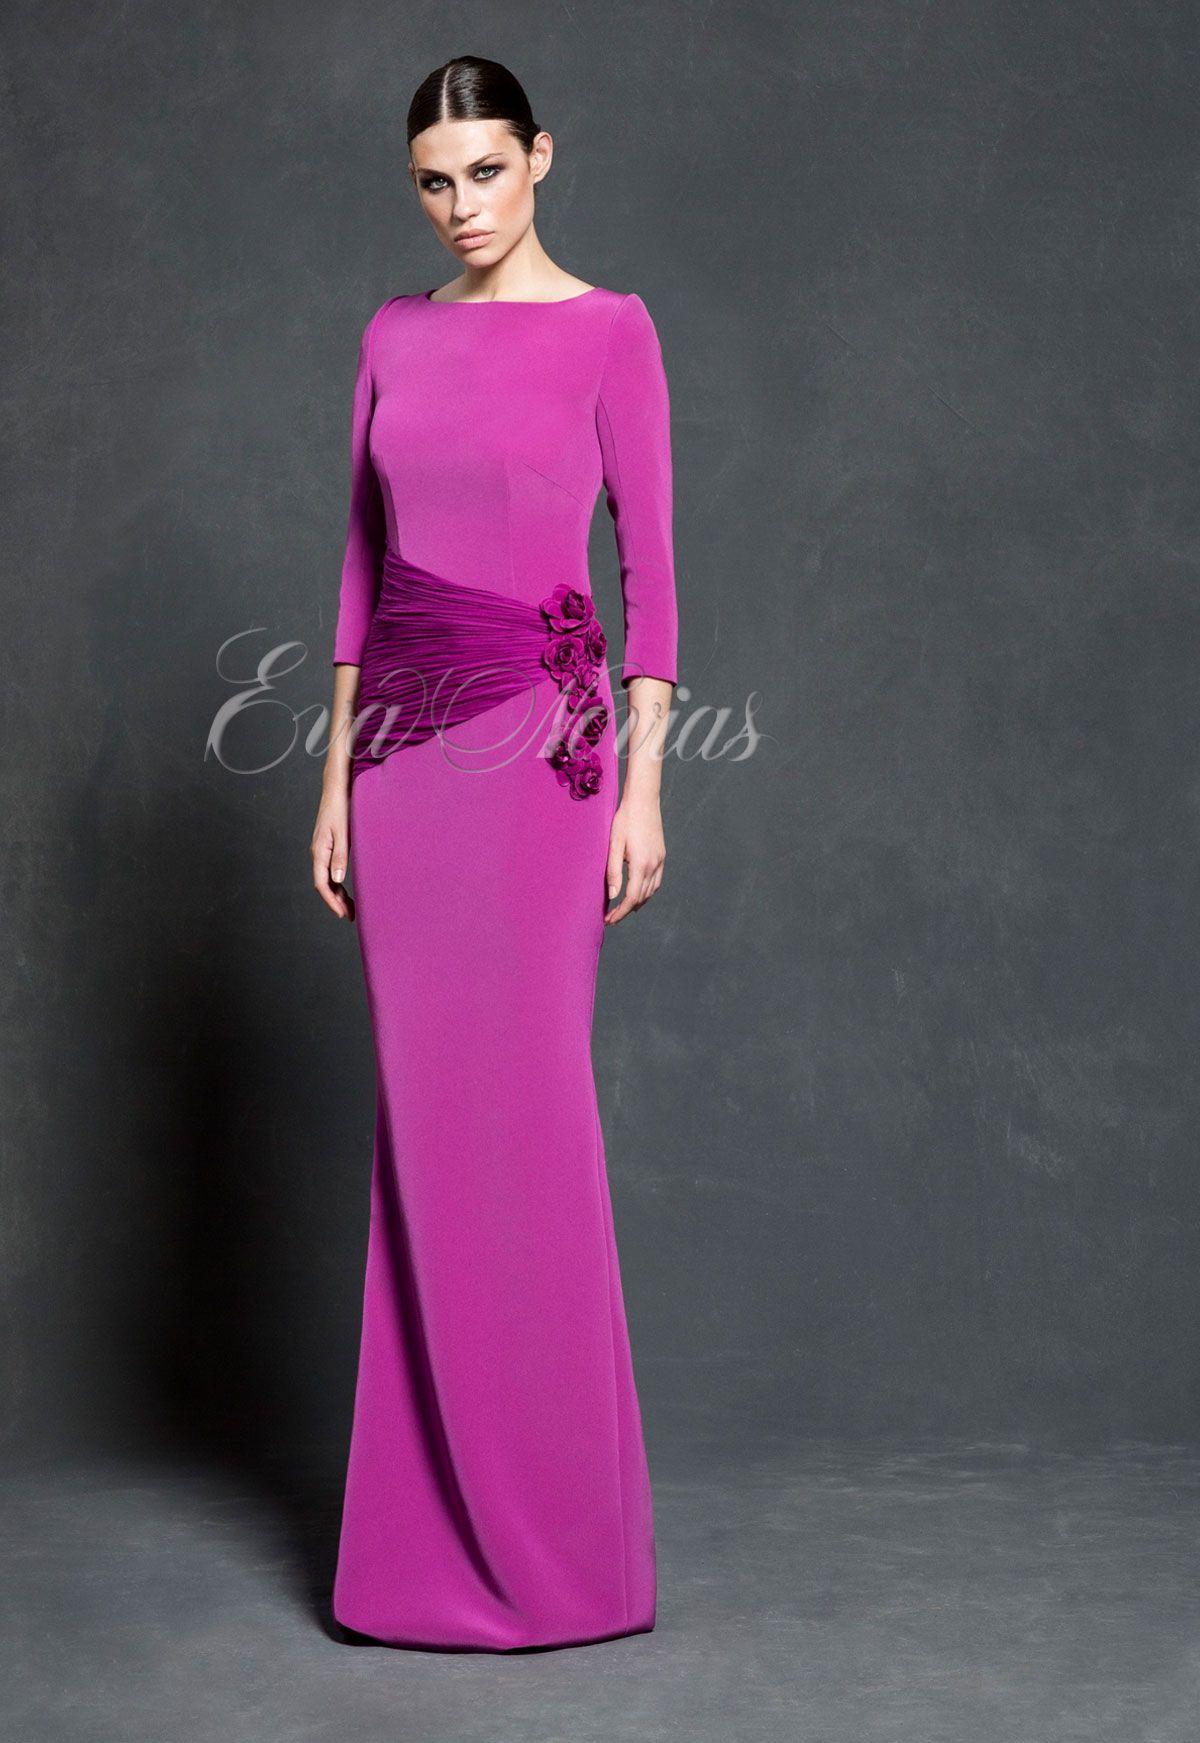 4f7859f63 Vestido de fiesta de Vicky Martín Berrocal colección 2016 modelo 403.   vestido  dress  boda  bridal  fashion  madrina  tienda  madrid